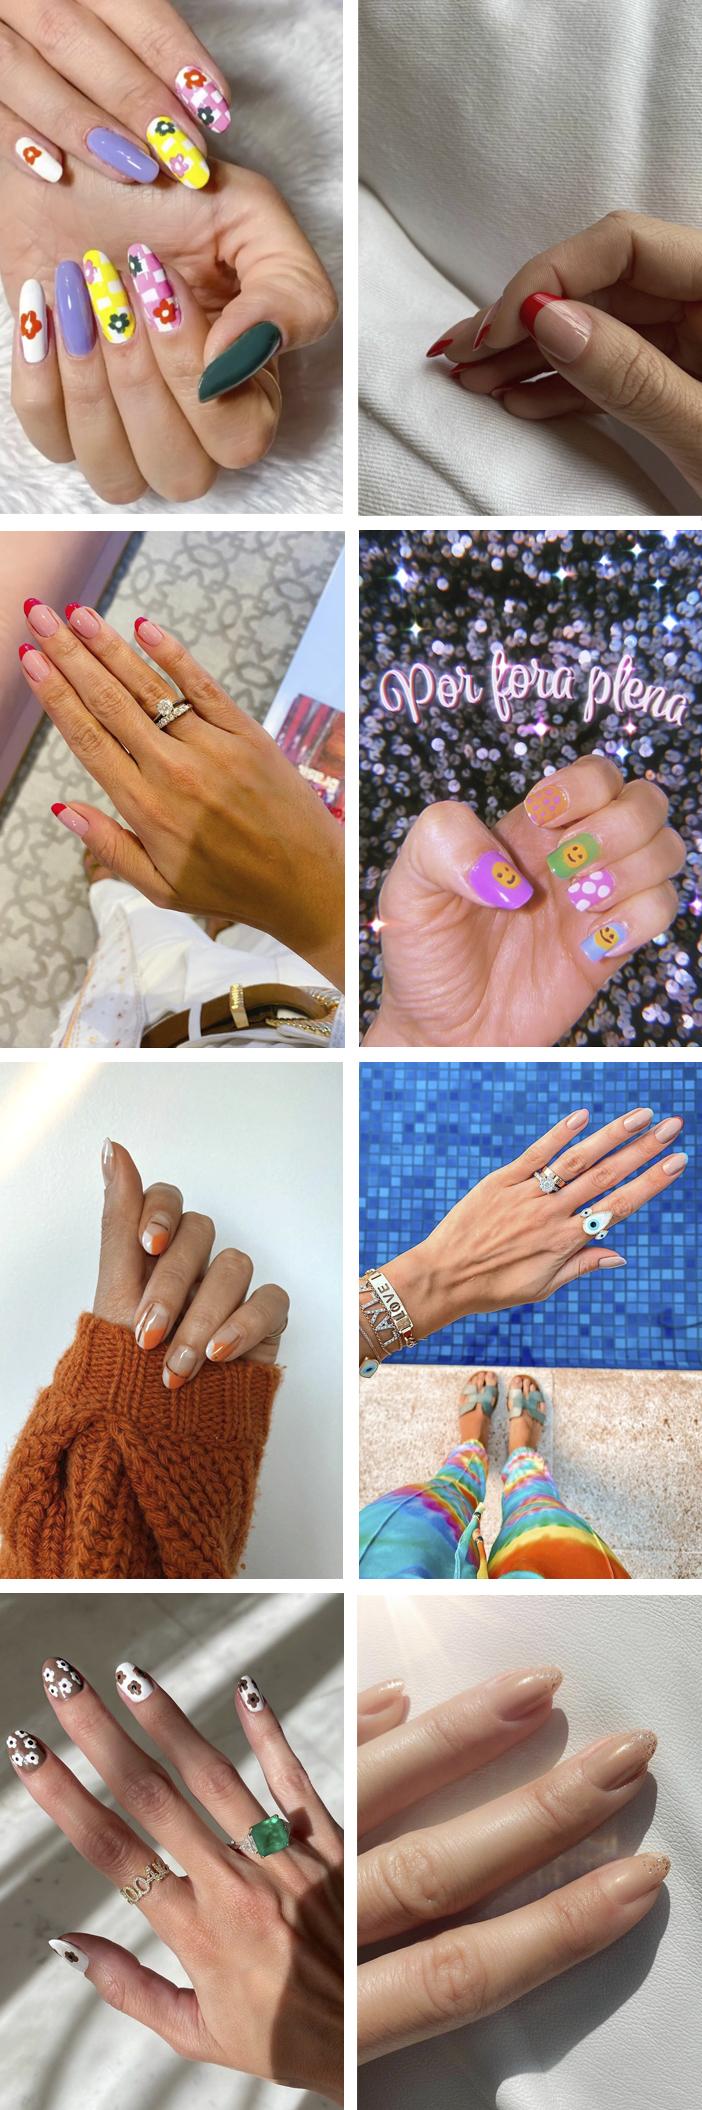 Inspiração de Nails Art